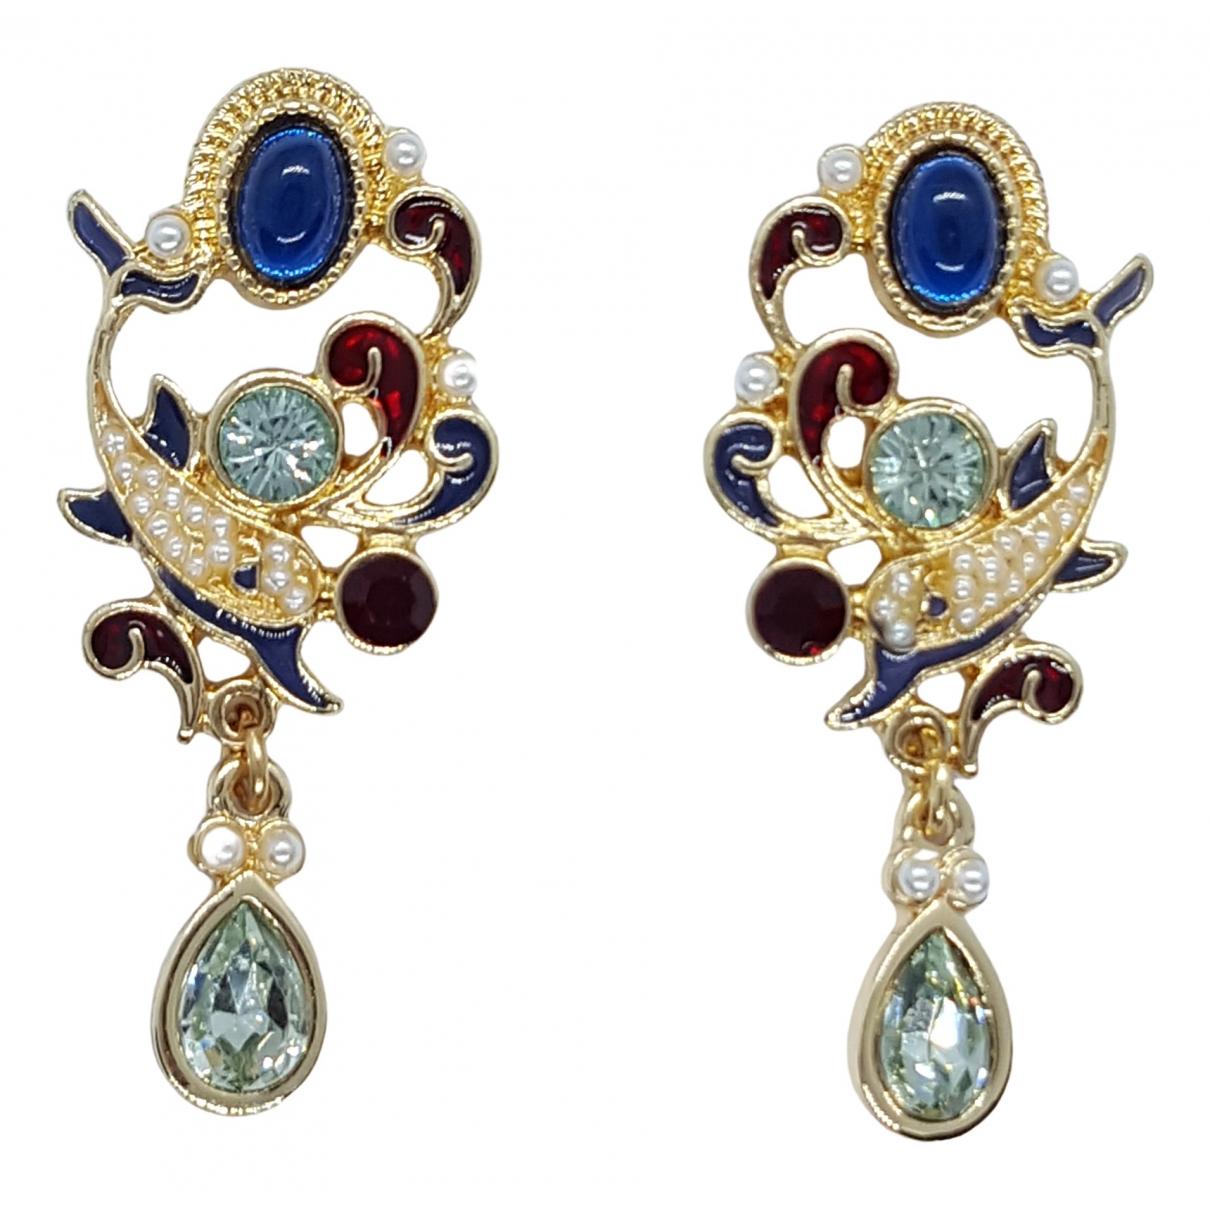 - Boucles d'oreilles Art Deco pour femme en metal - dore